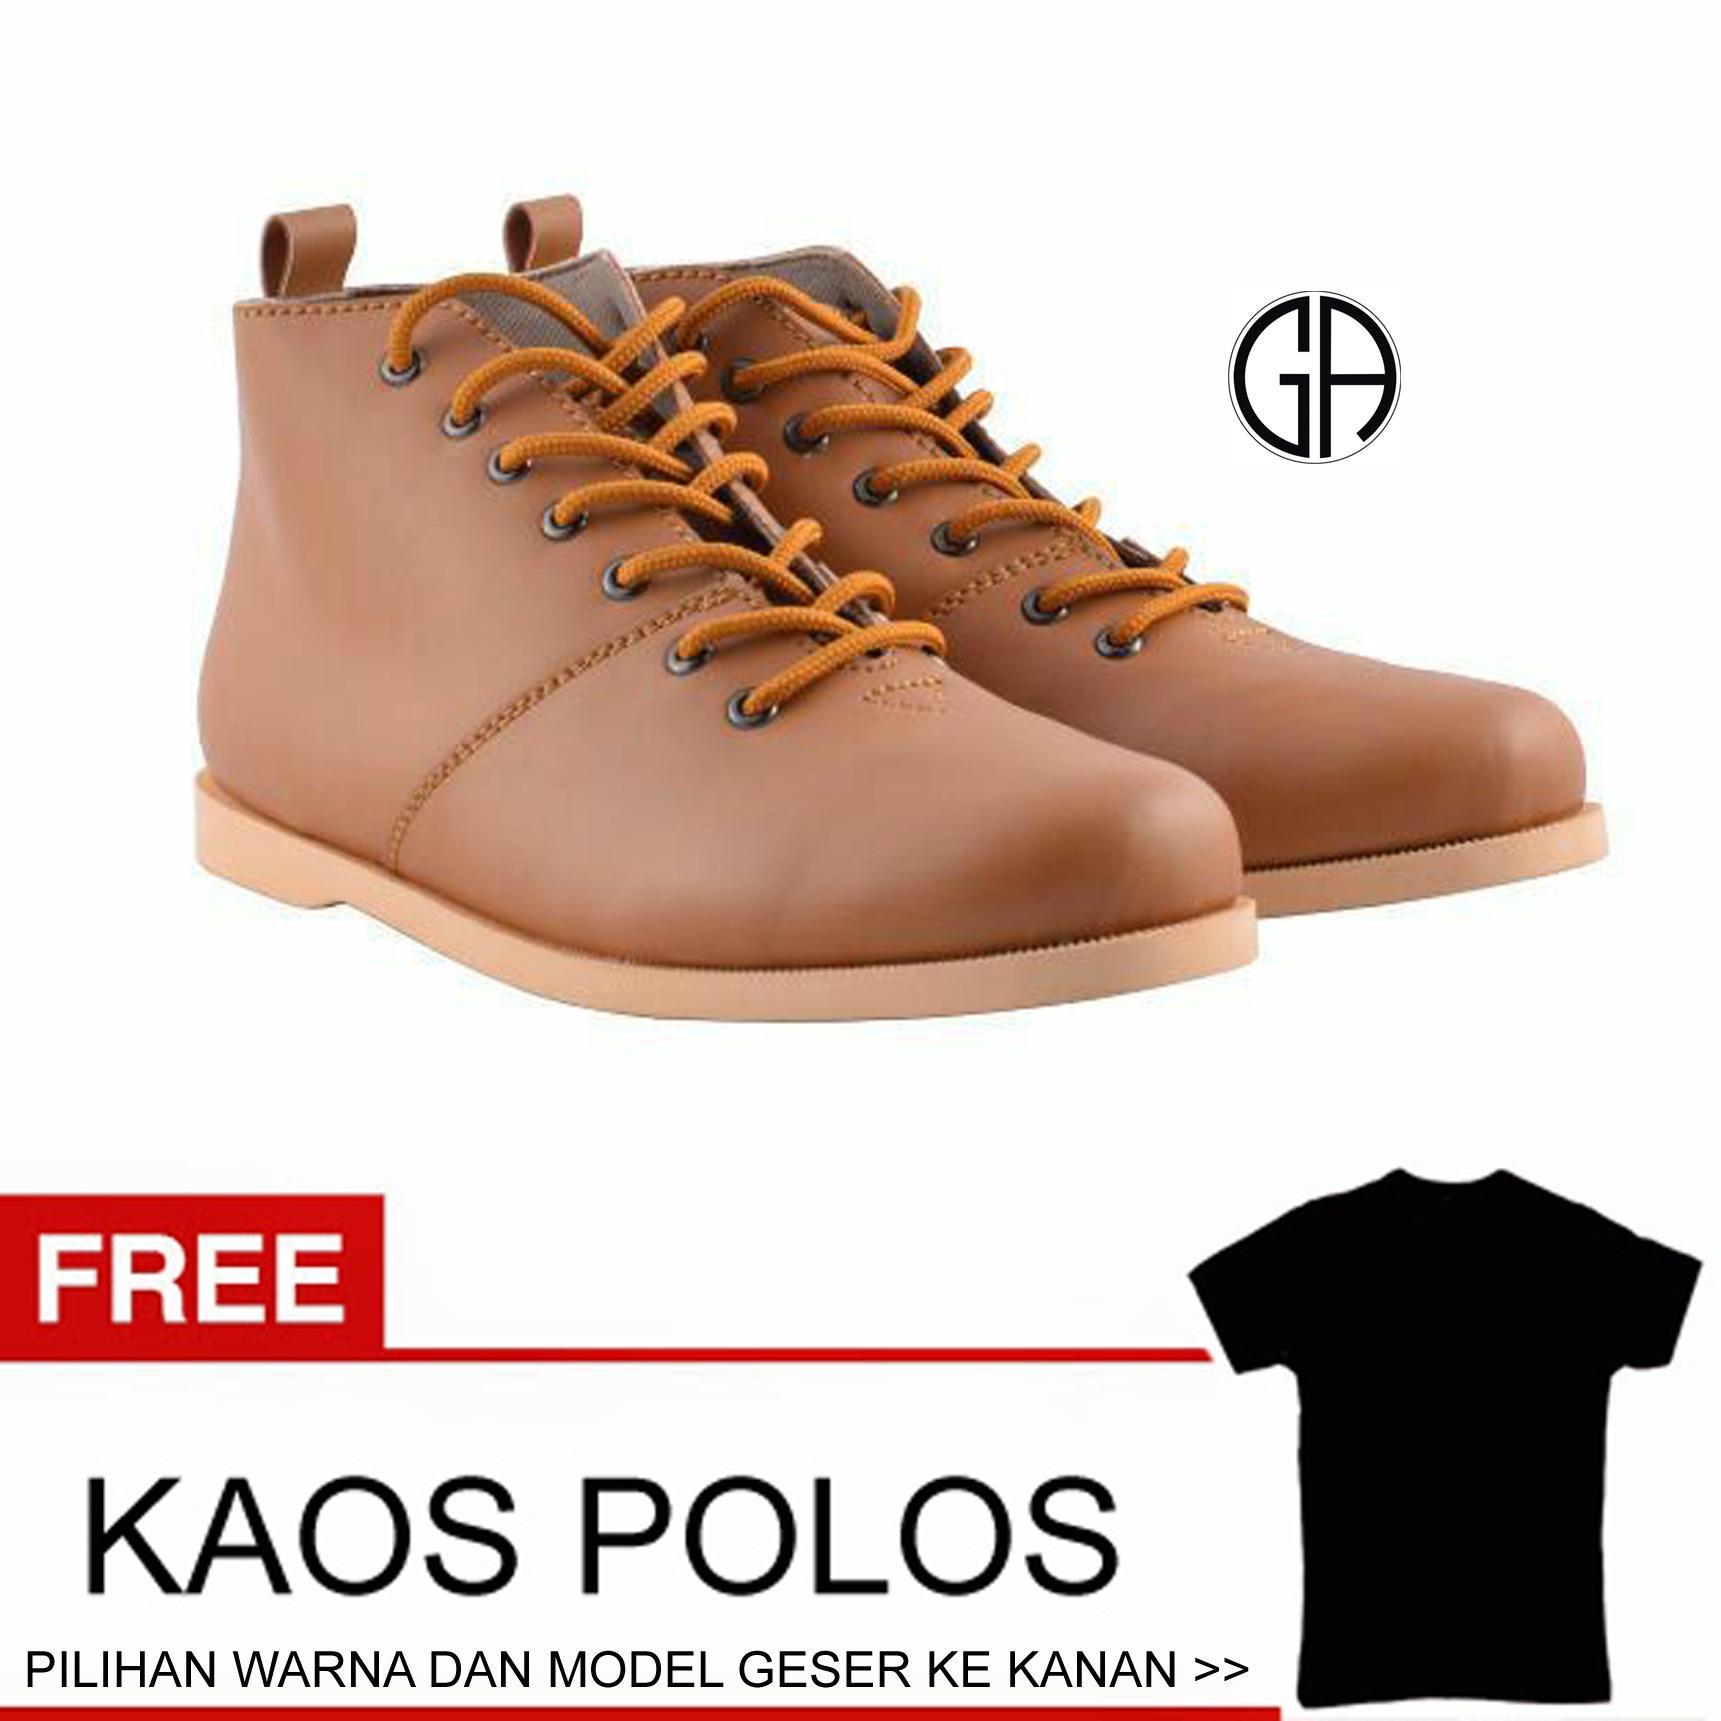 Shoes Hummer Sepatu Semi Boots Humm3r Balado